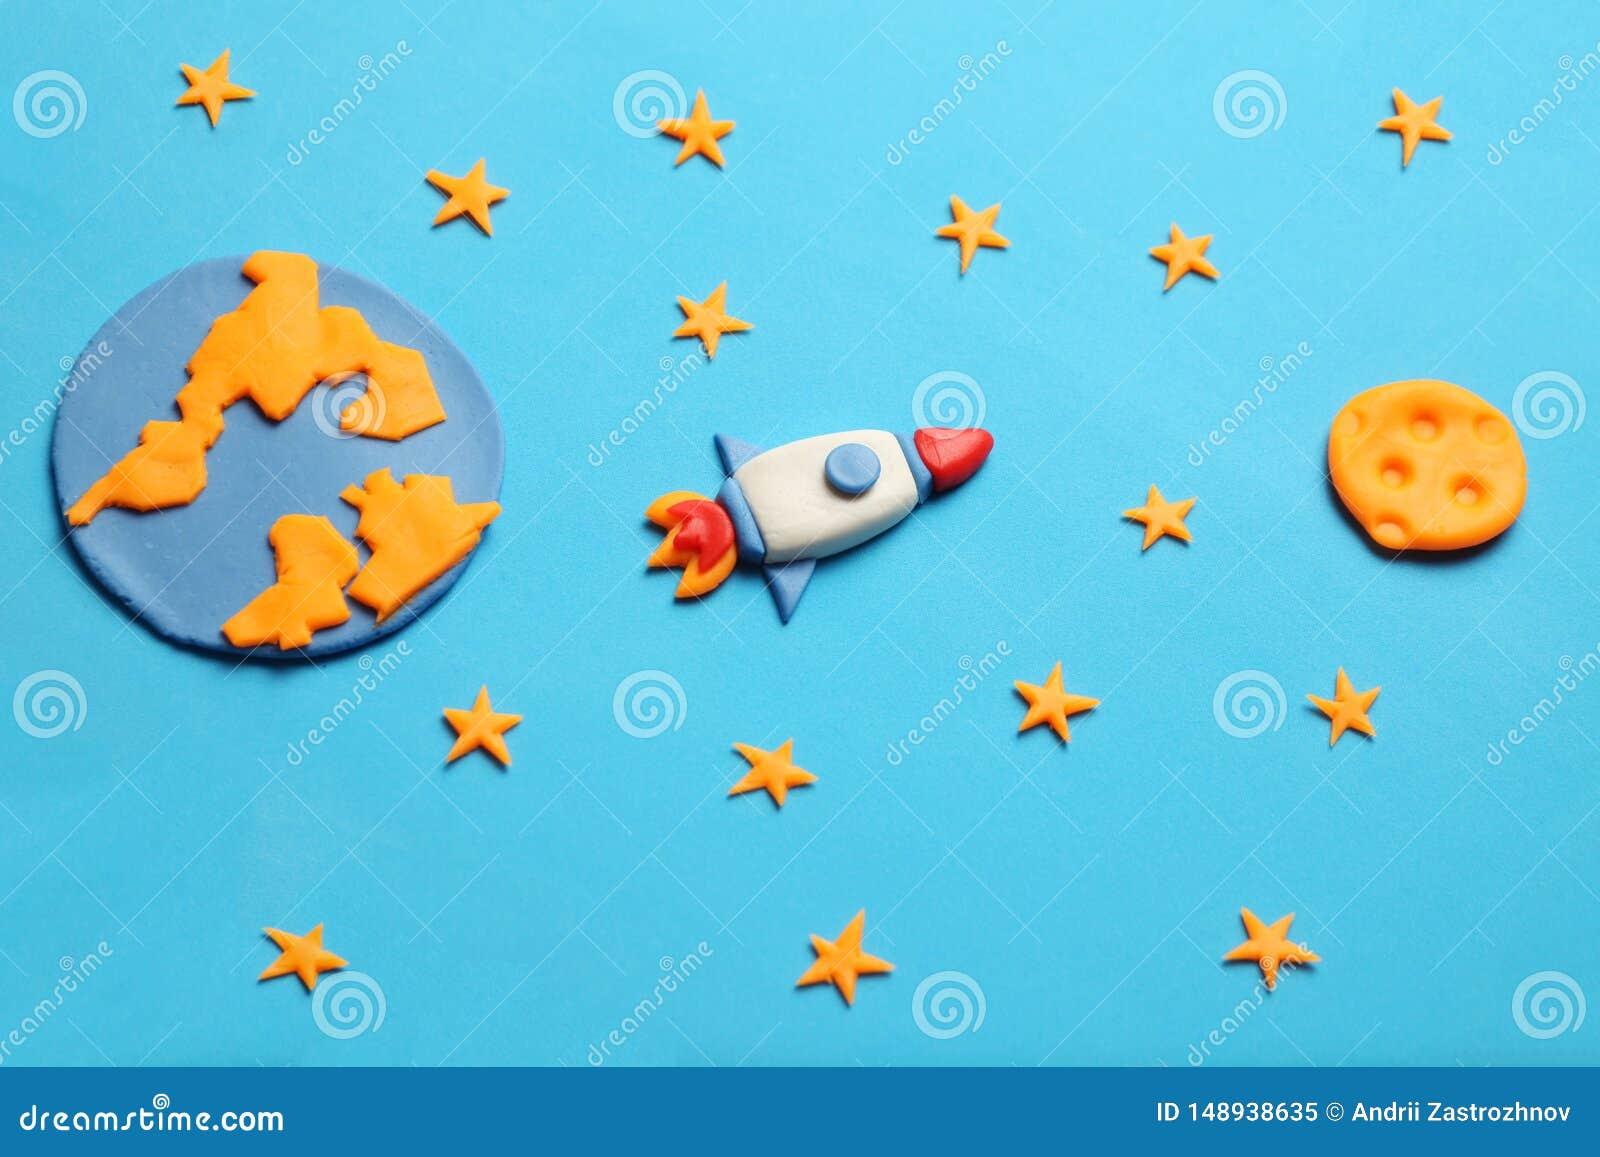 Δημιουργικός πύραυλος plasticine τεχνών στον ανοιχτό χώρο, όνειρα αστροναυτών Αστέρια, πλανήτης Γη και φεγγάρι Τέχνη κινούμενων σ